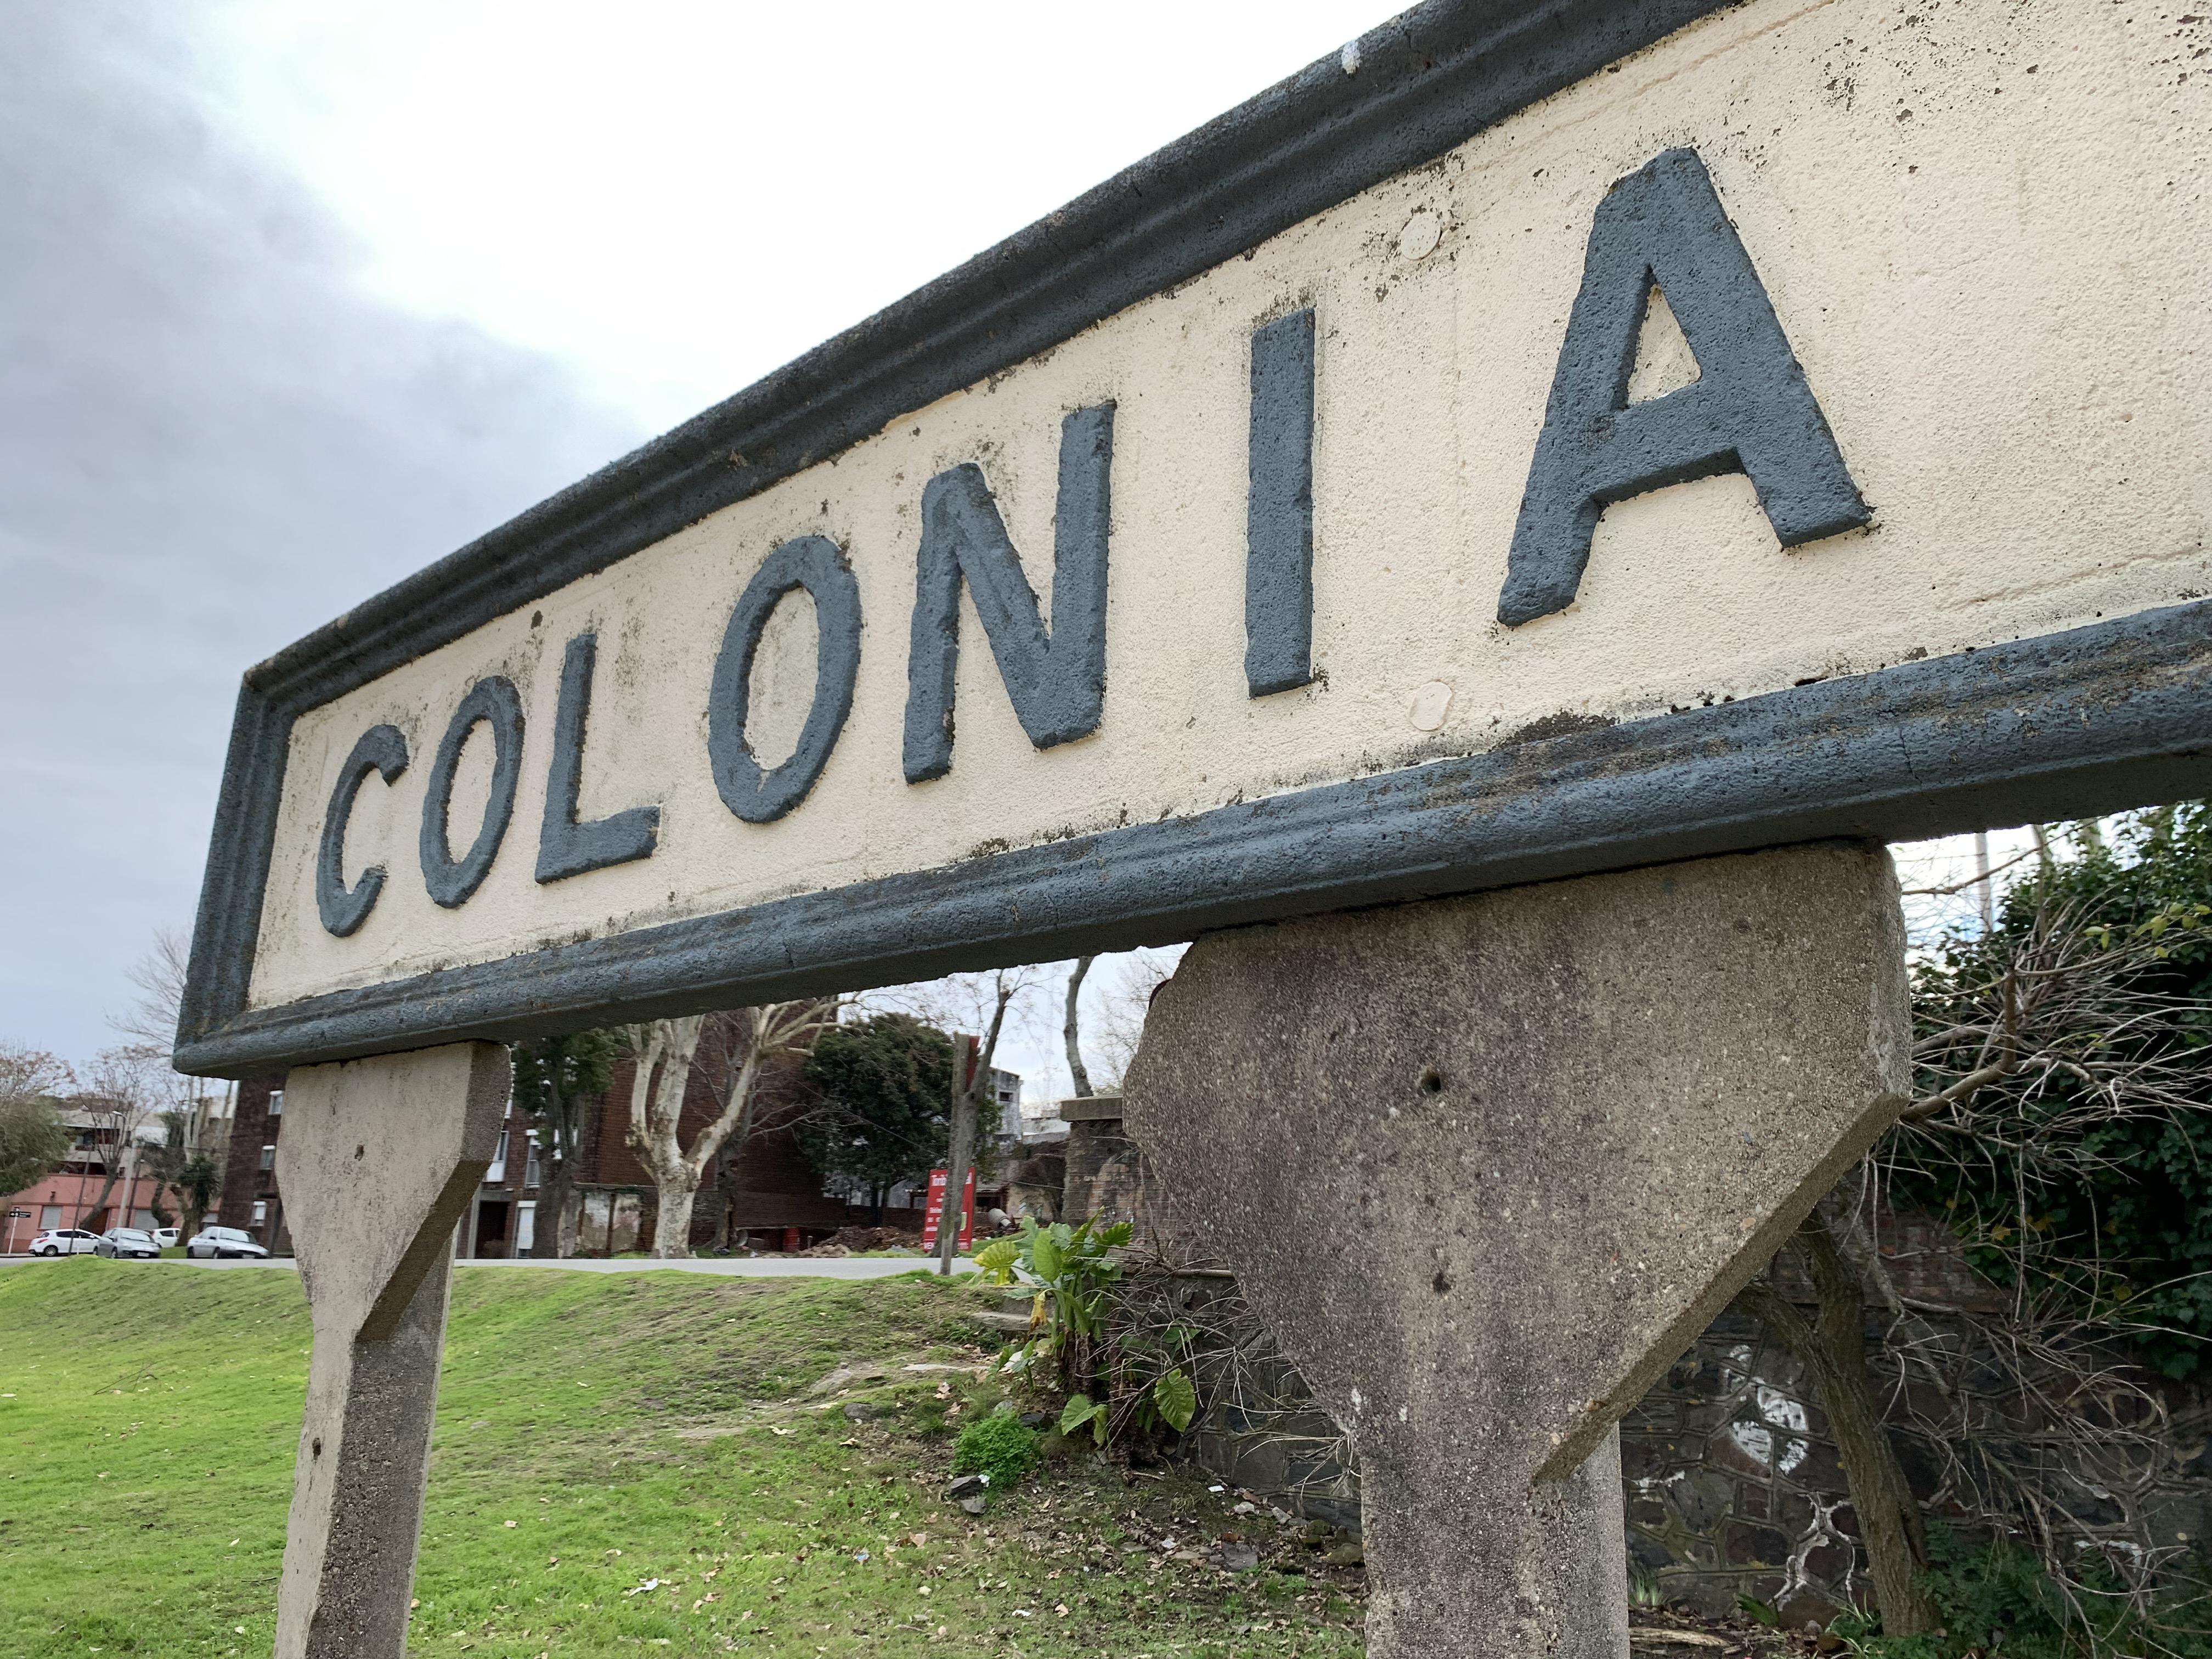 colonia1-20